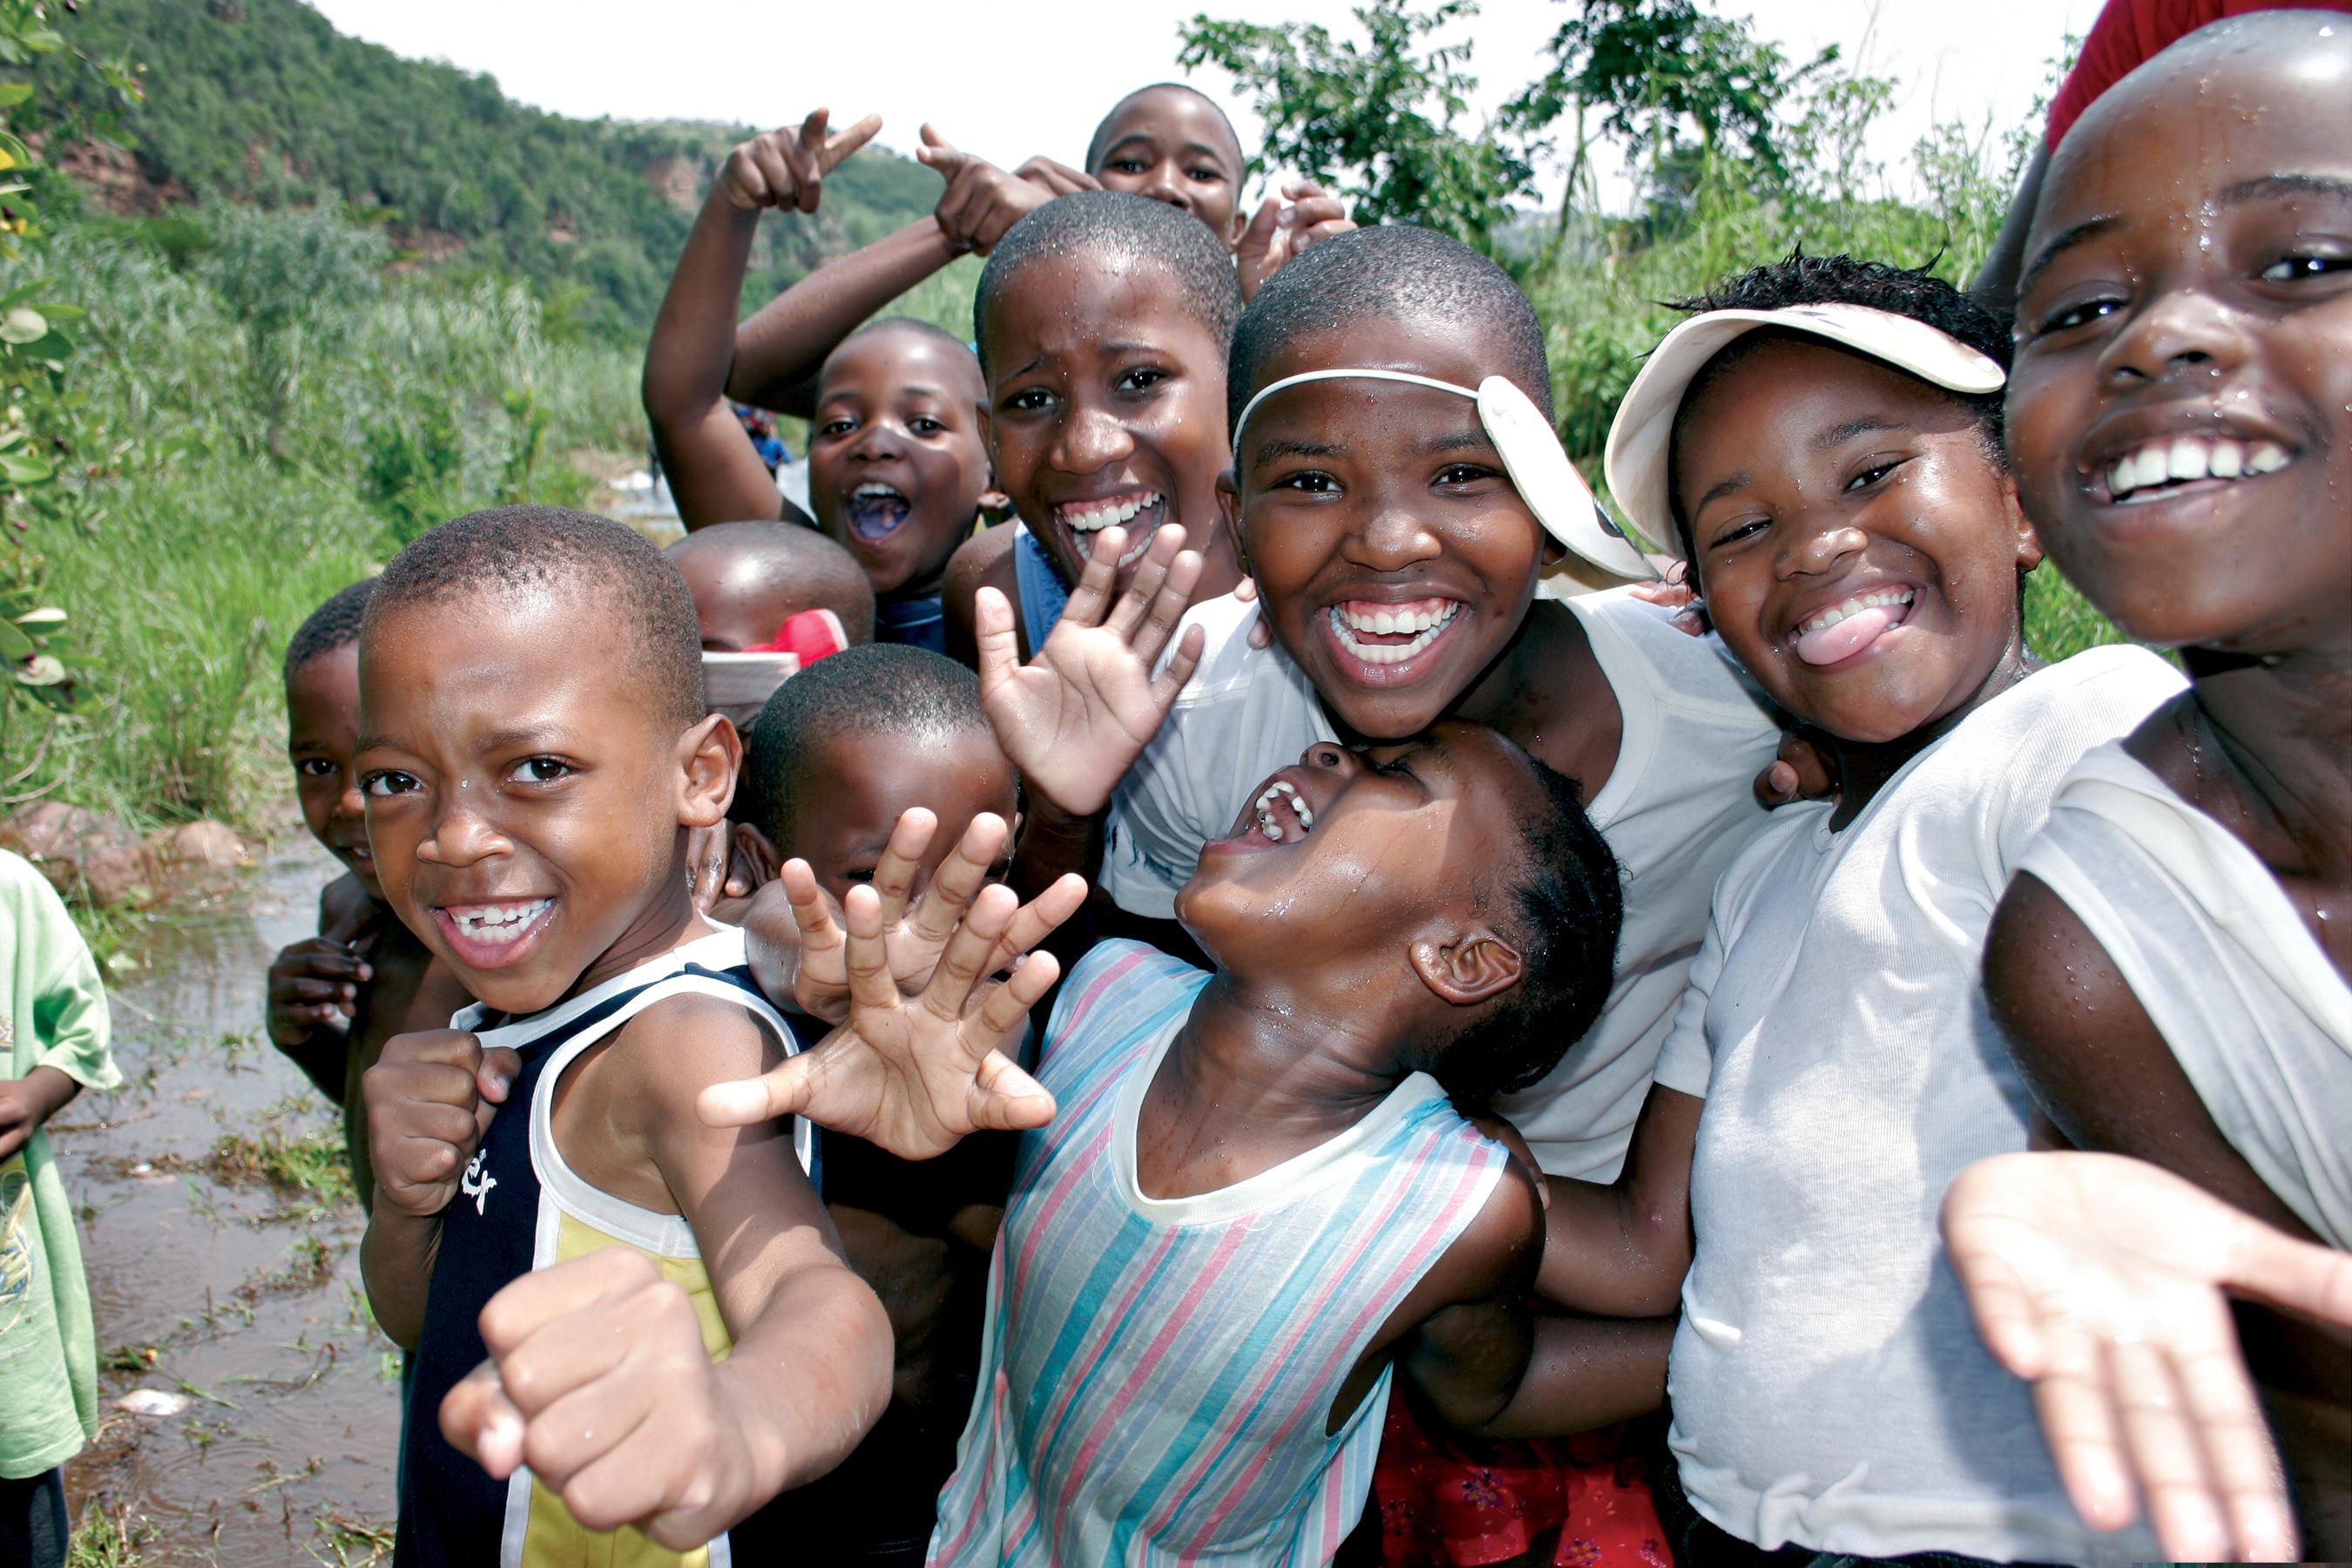 kinder die lachen in zuidafrika